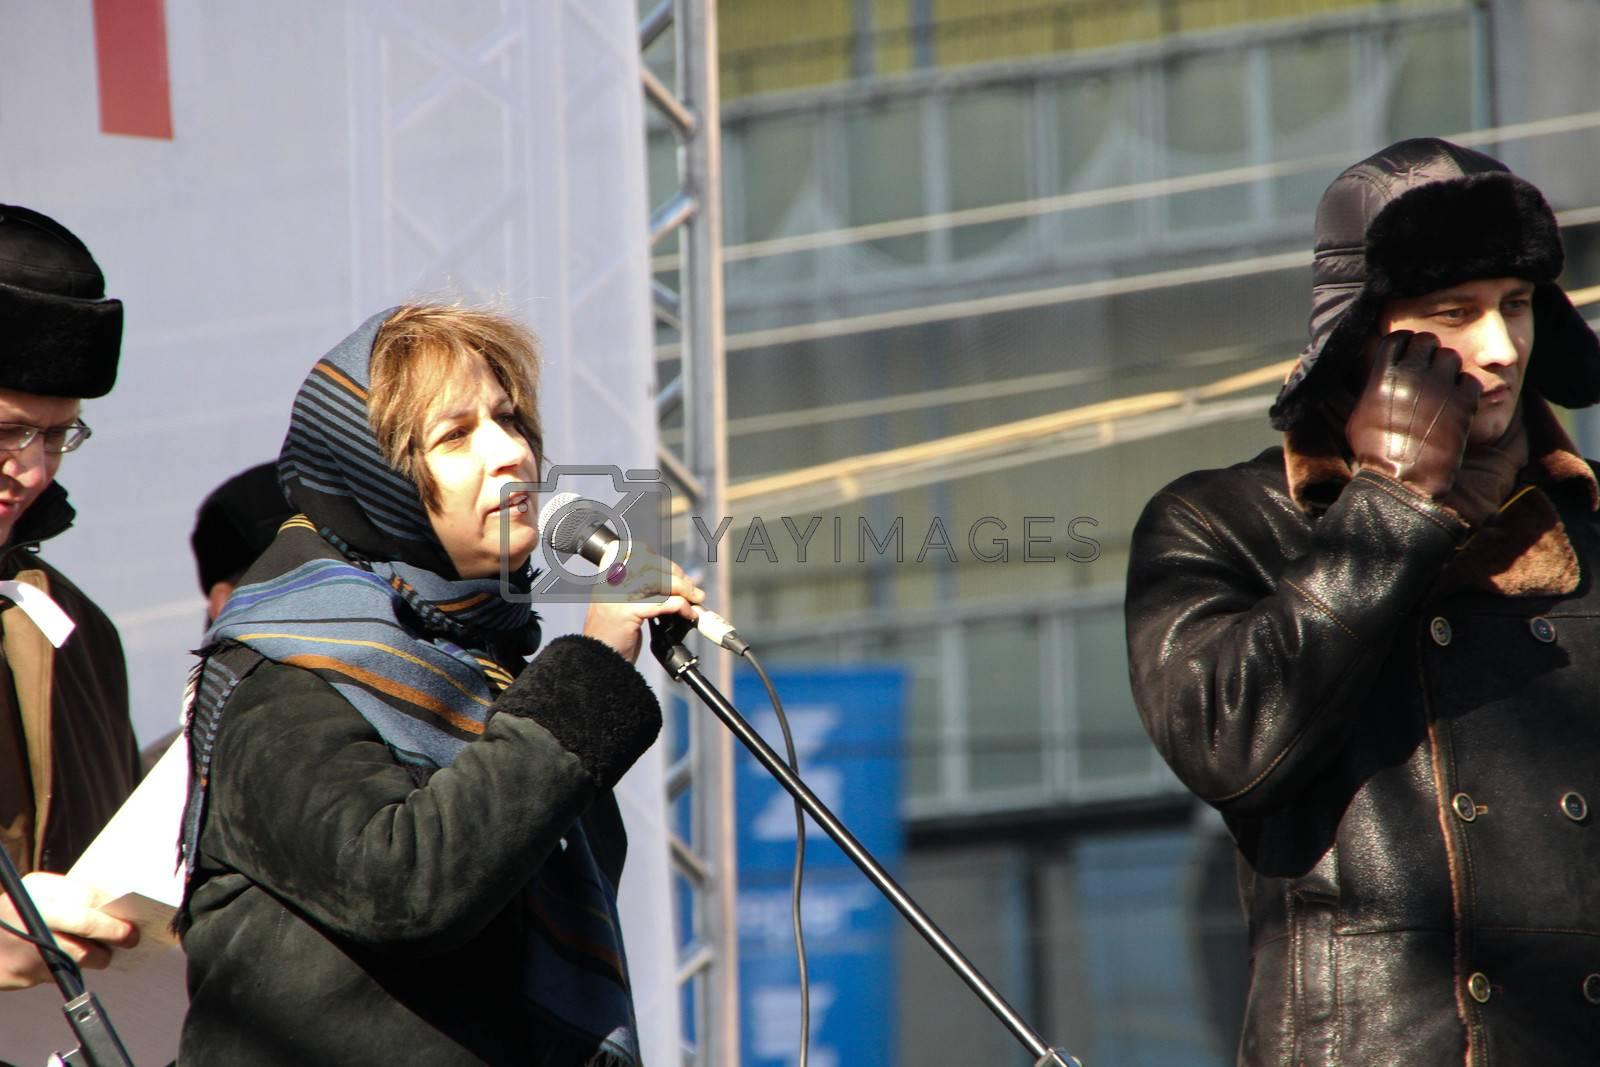 Journalist Zoya Svetova by olegkozyrev